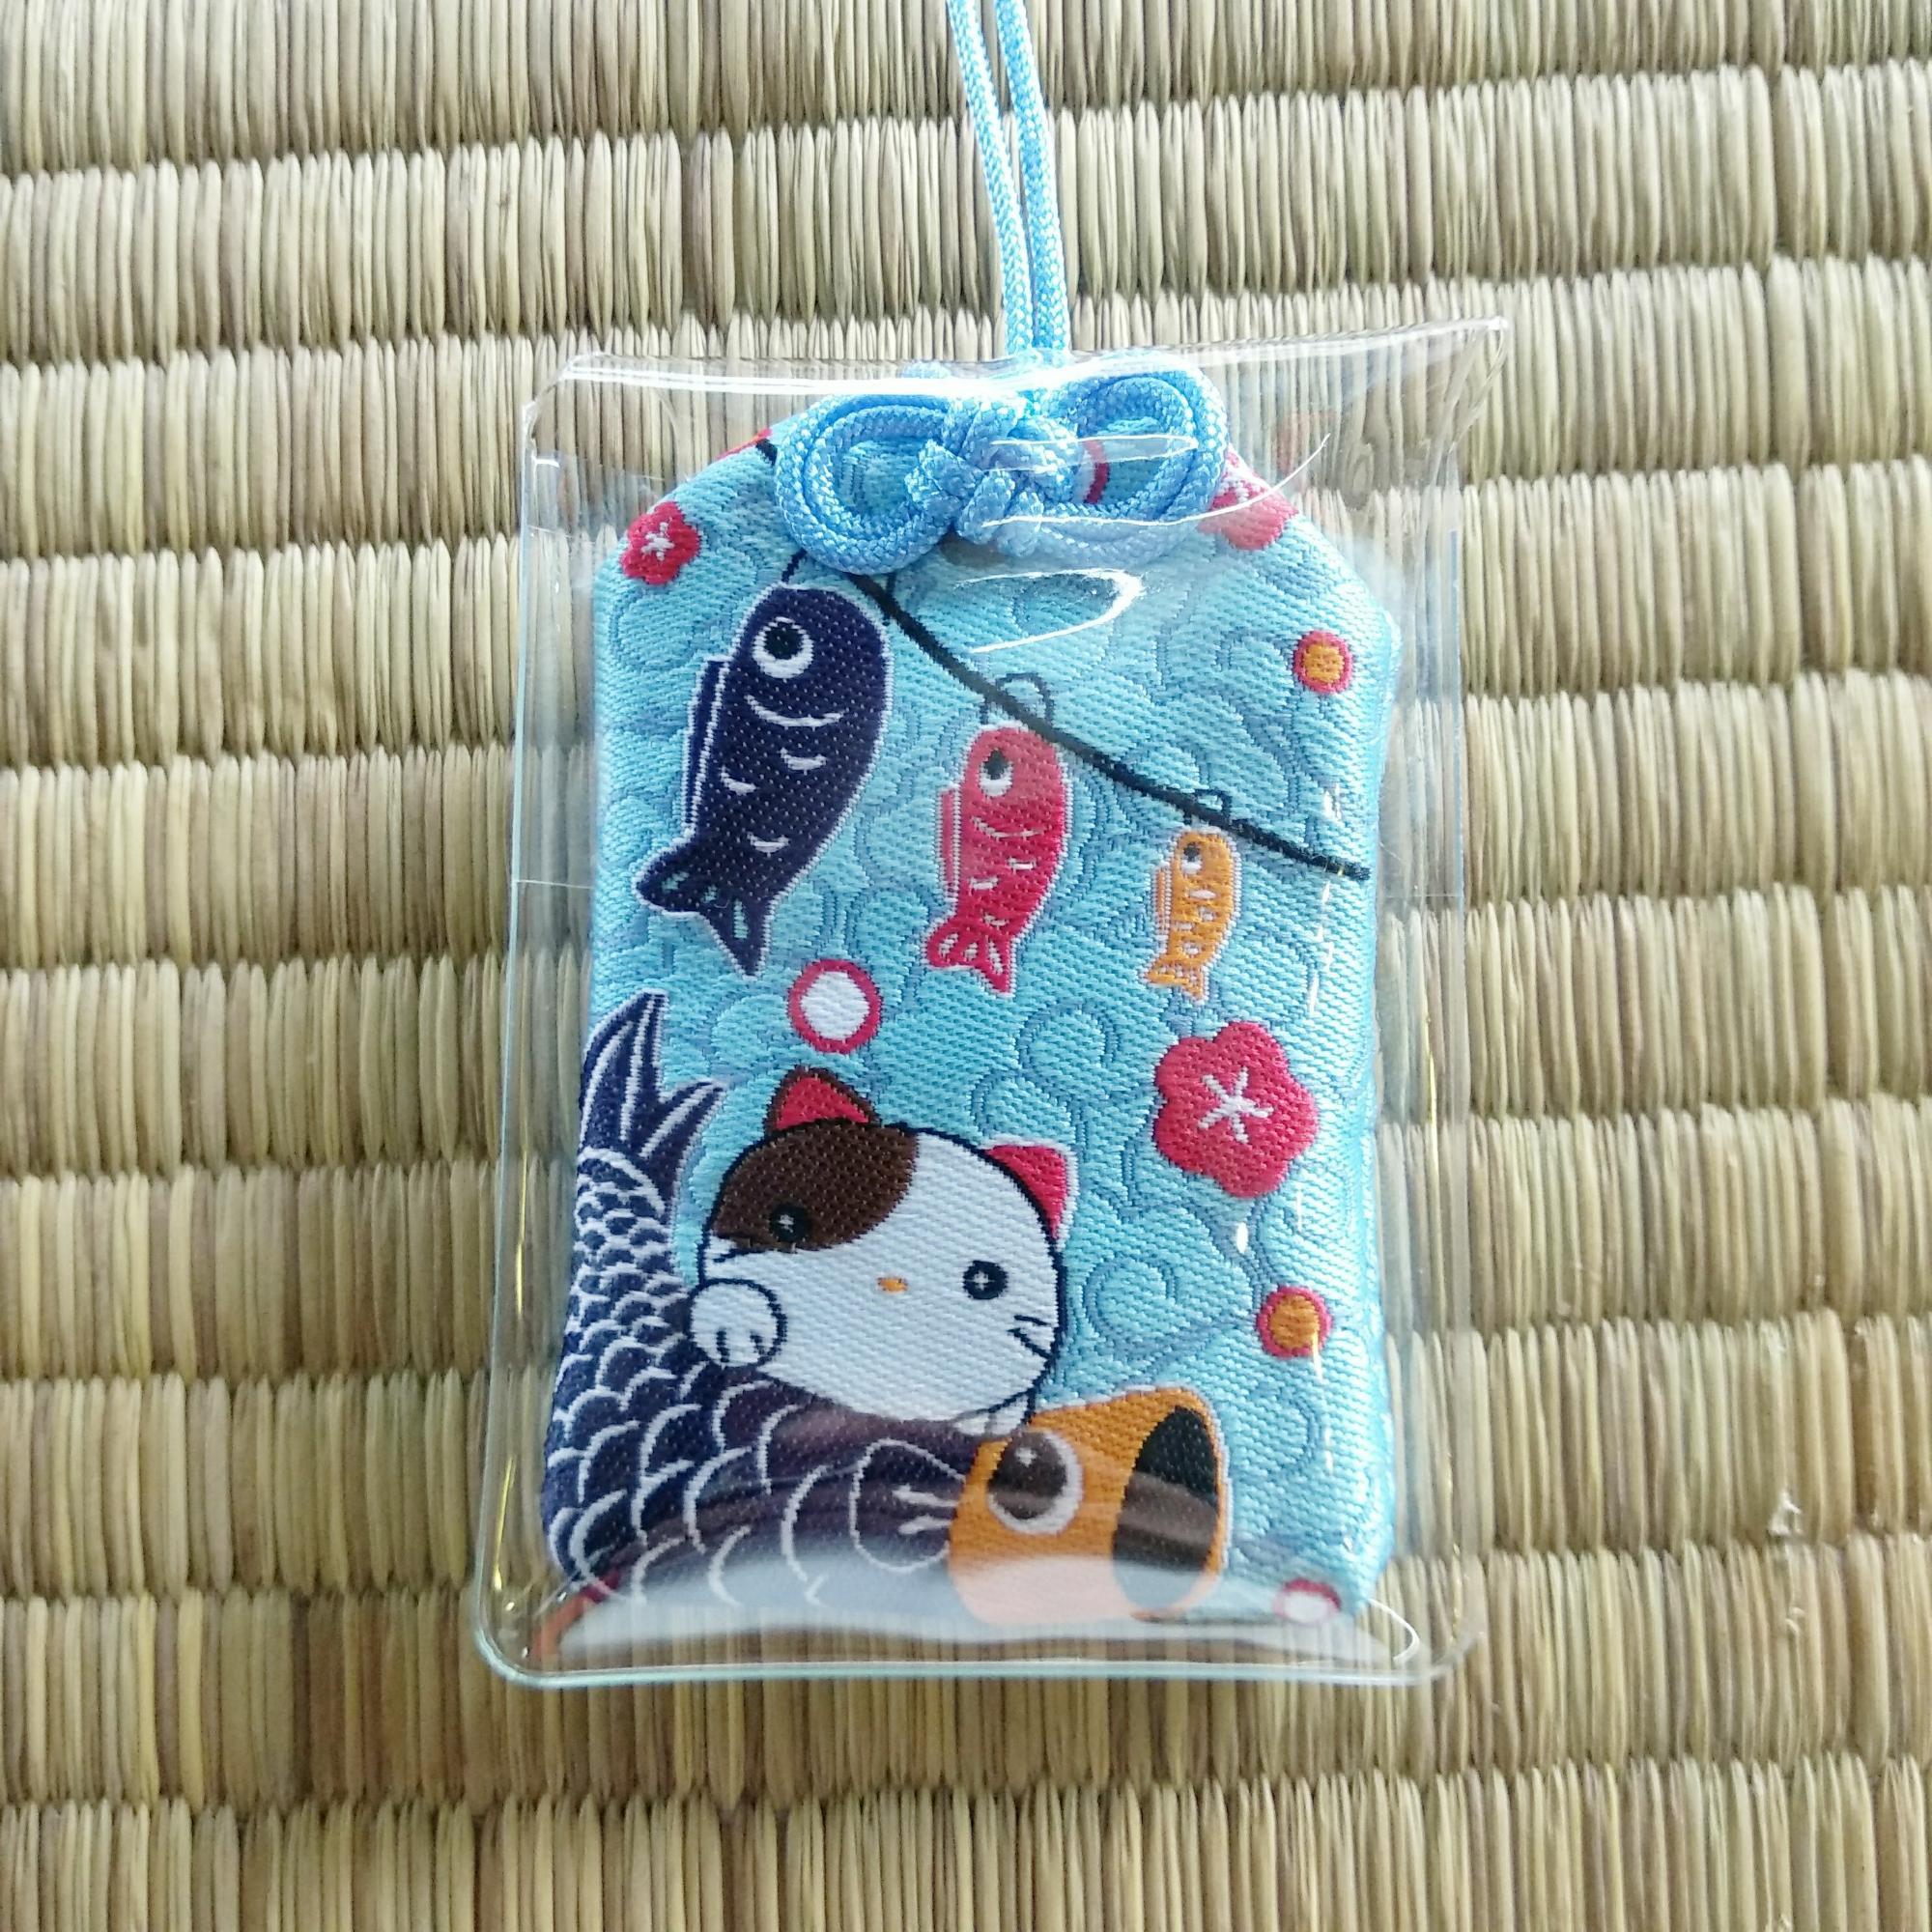 Mua Omamori Nhật Bản cầu may mắn và dư dả có Tặng vỏ nhựa